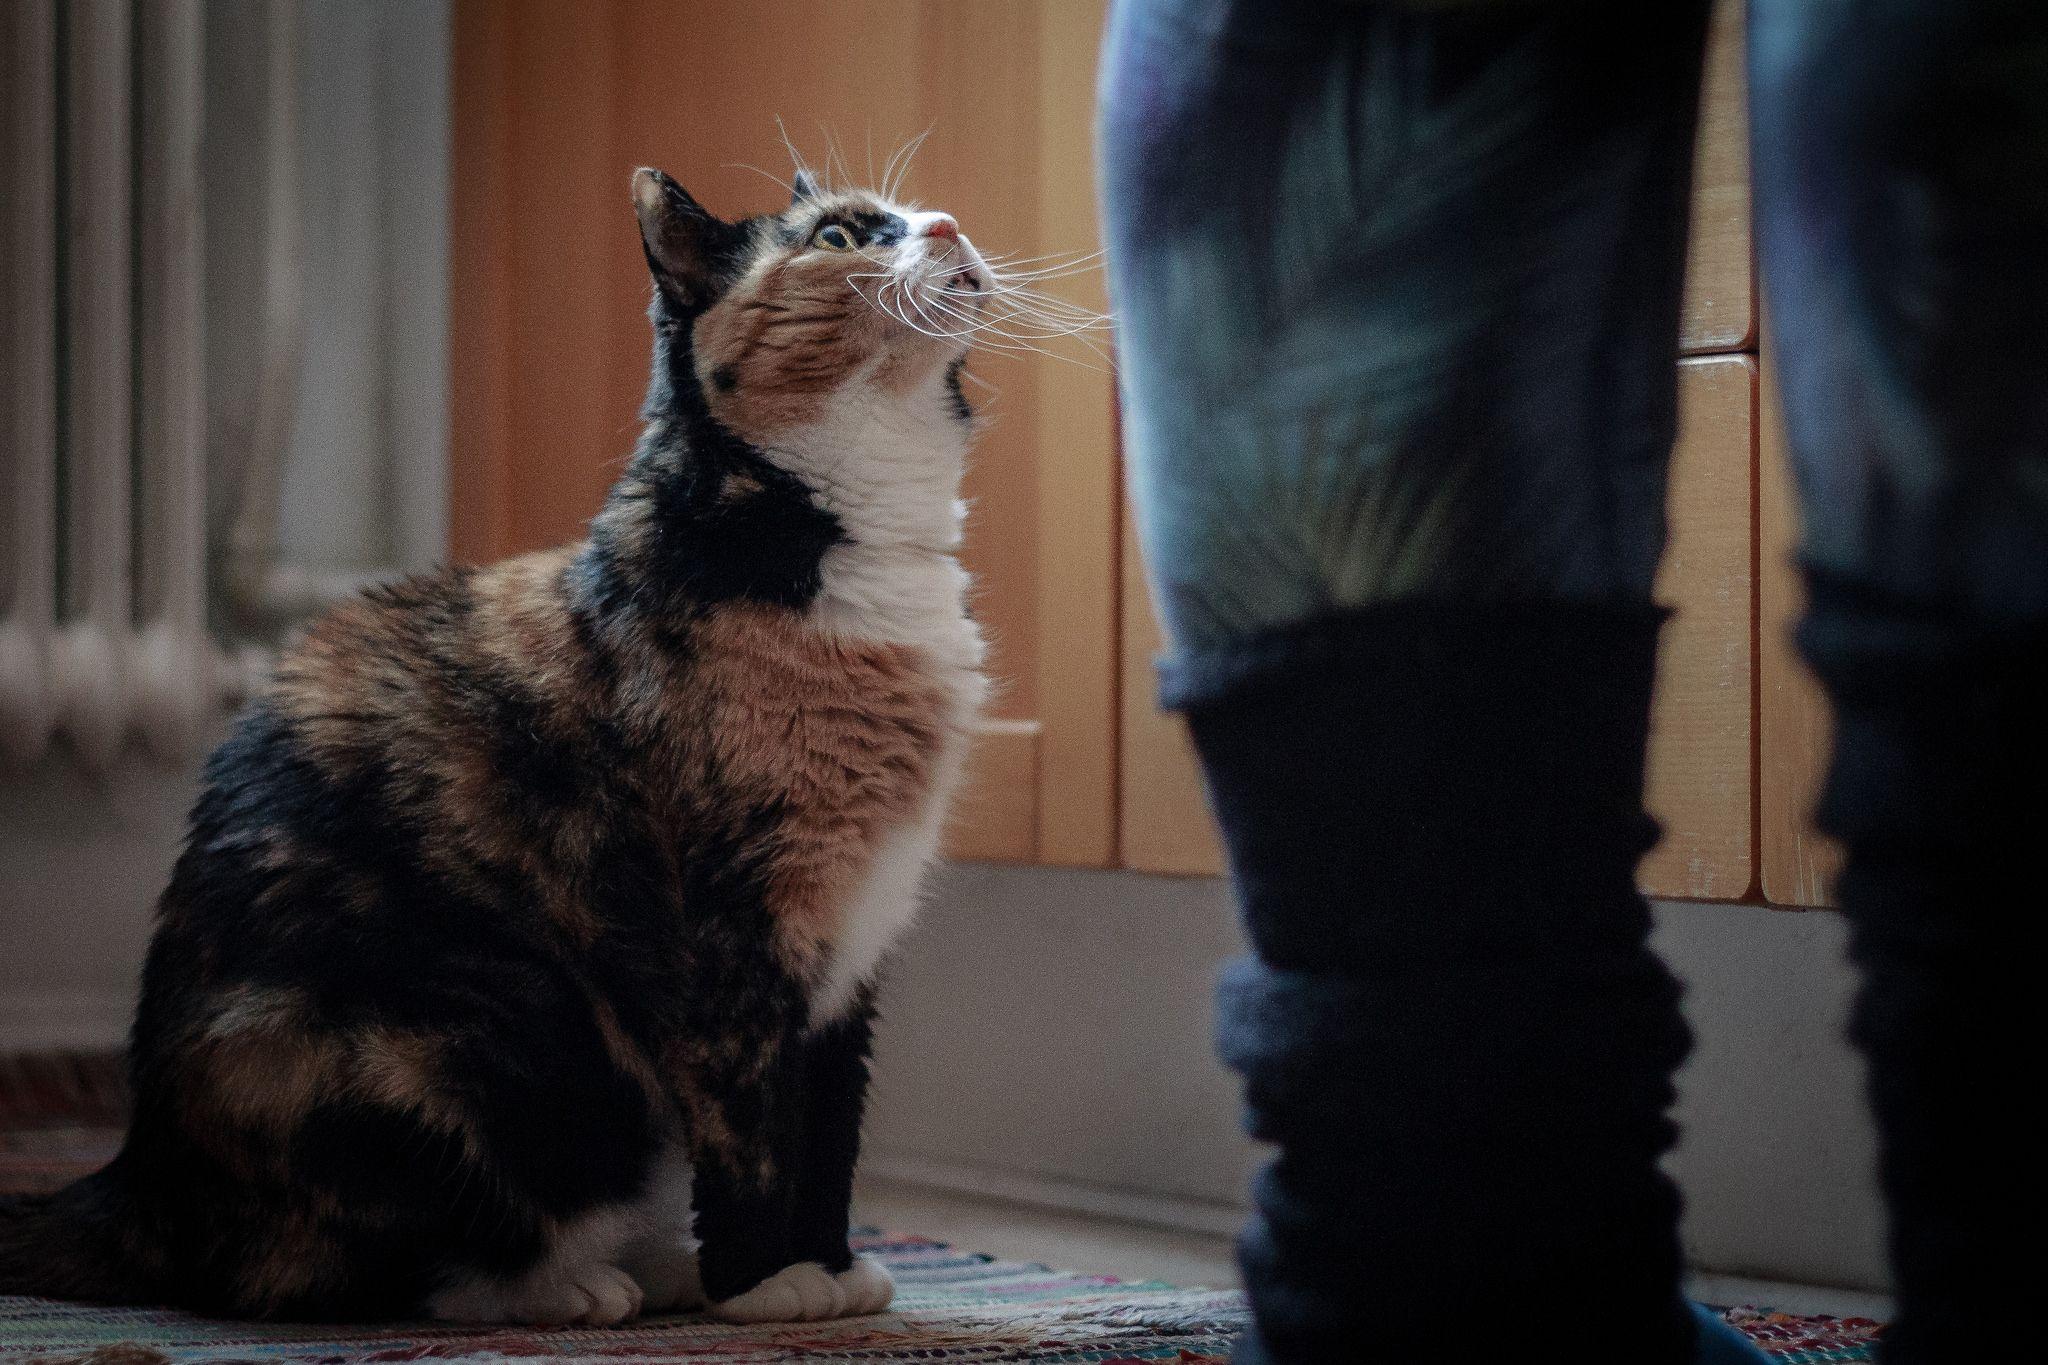 https://flic.kr/p/Q6AL8T | Mata mig | Mitt bidrag till fotosöndag 161211 på temat väntan. Doris väntar på maten som aldrig kan komma snabbt nog.